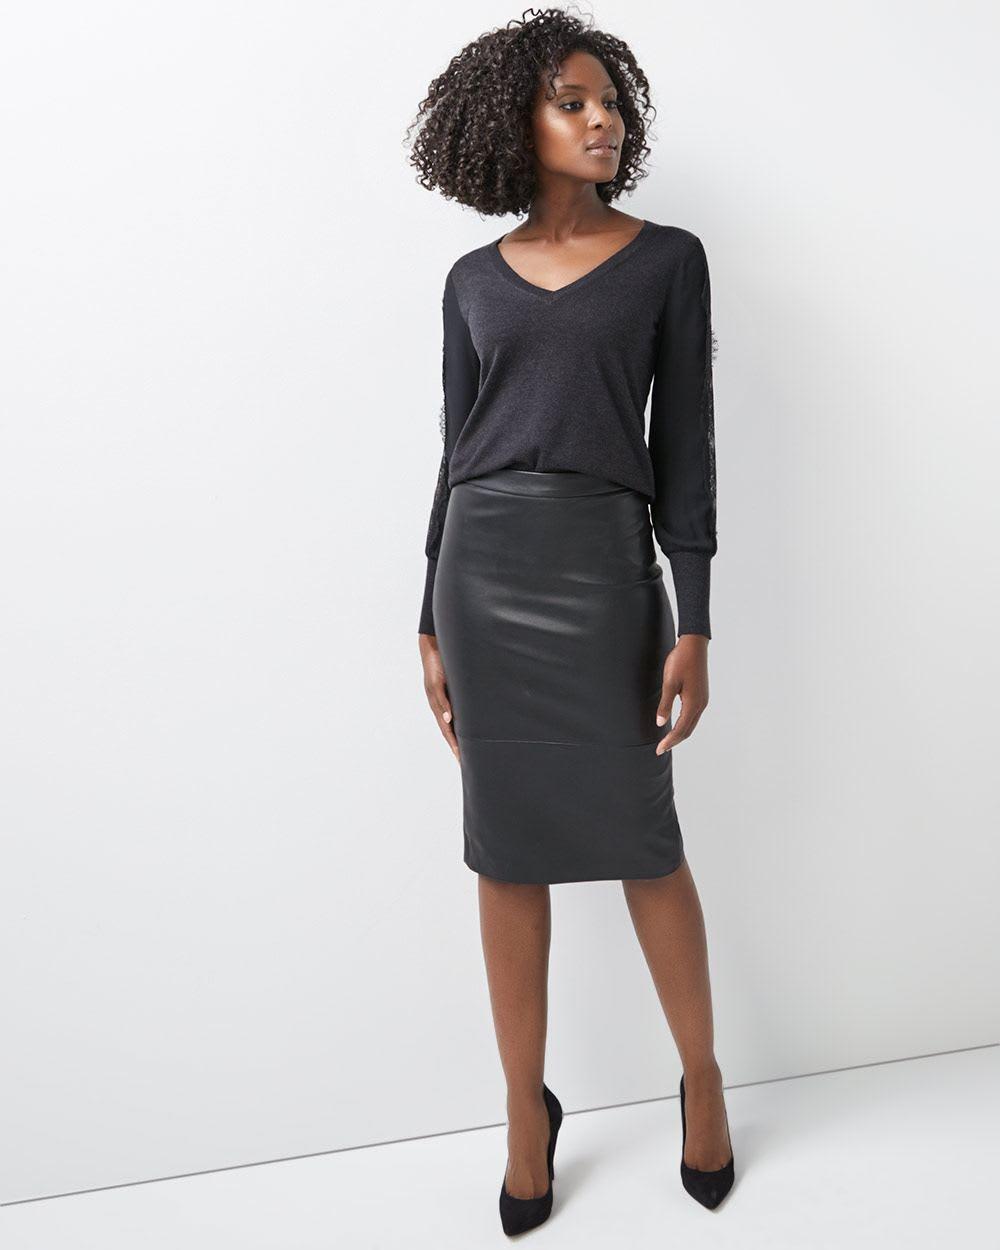 4300d2b6330 High-Waist Faux leather pencil skirt | RW&CO.